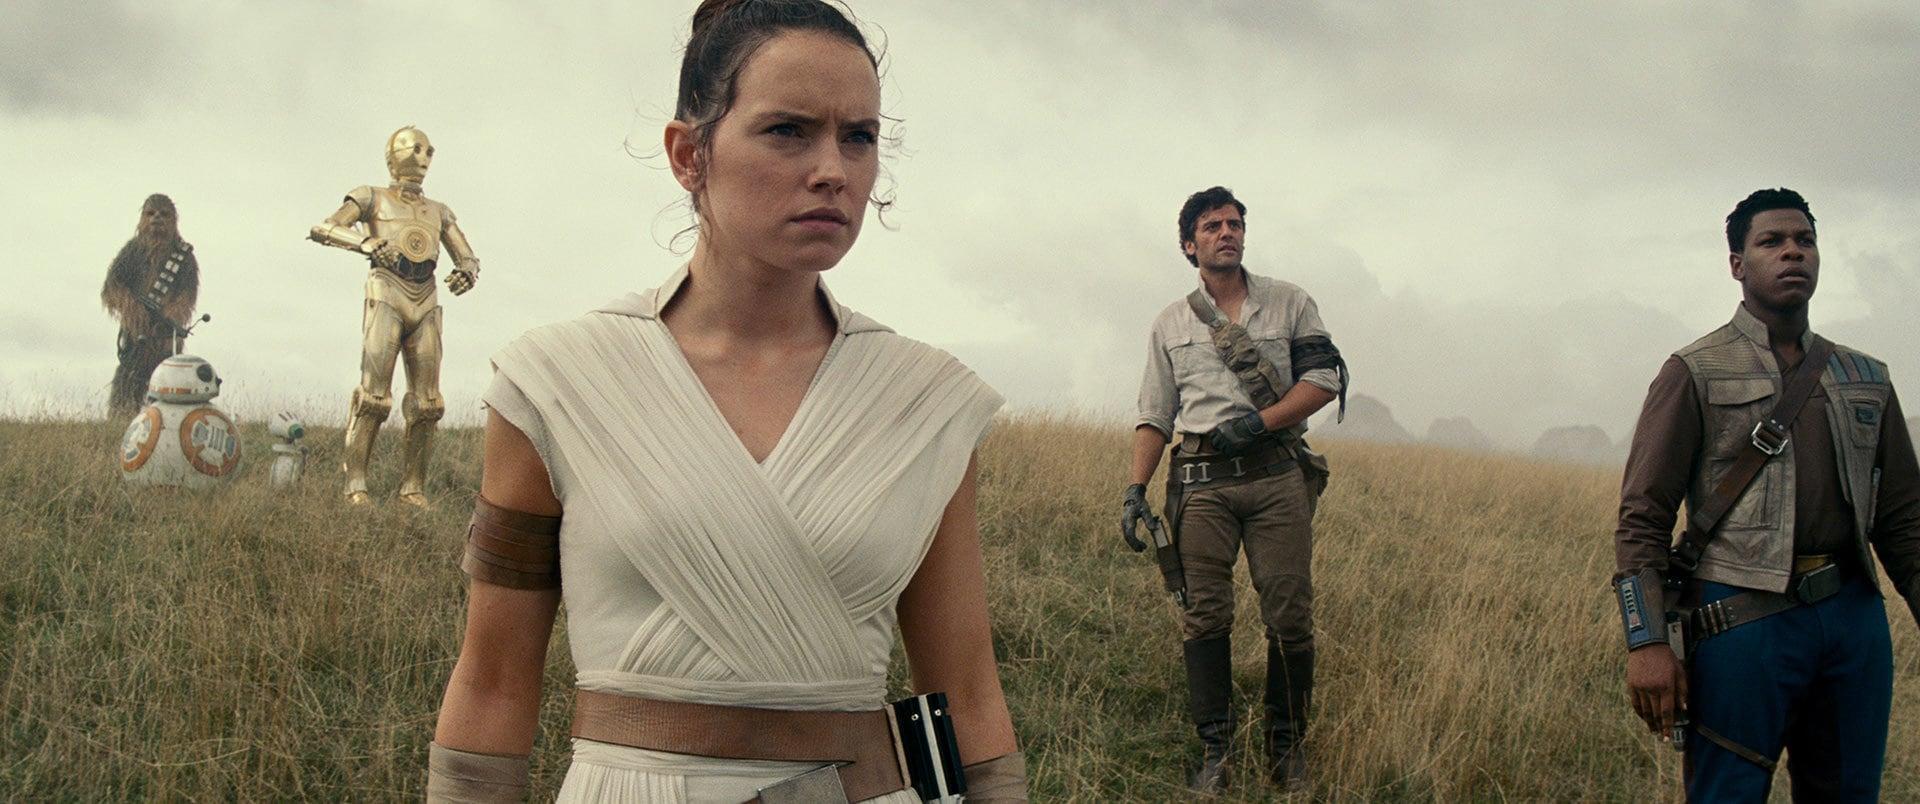 Star Wars: 5 aspetti positivi e 5 negativi del nuovo corso della saga | Star Wars Week thumbnail